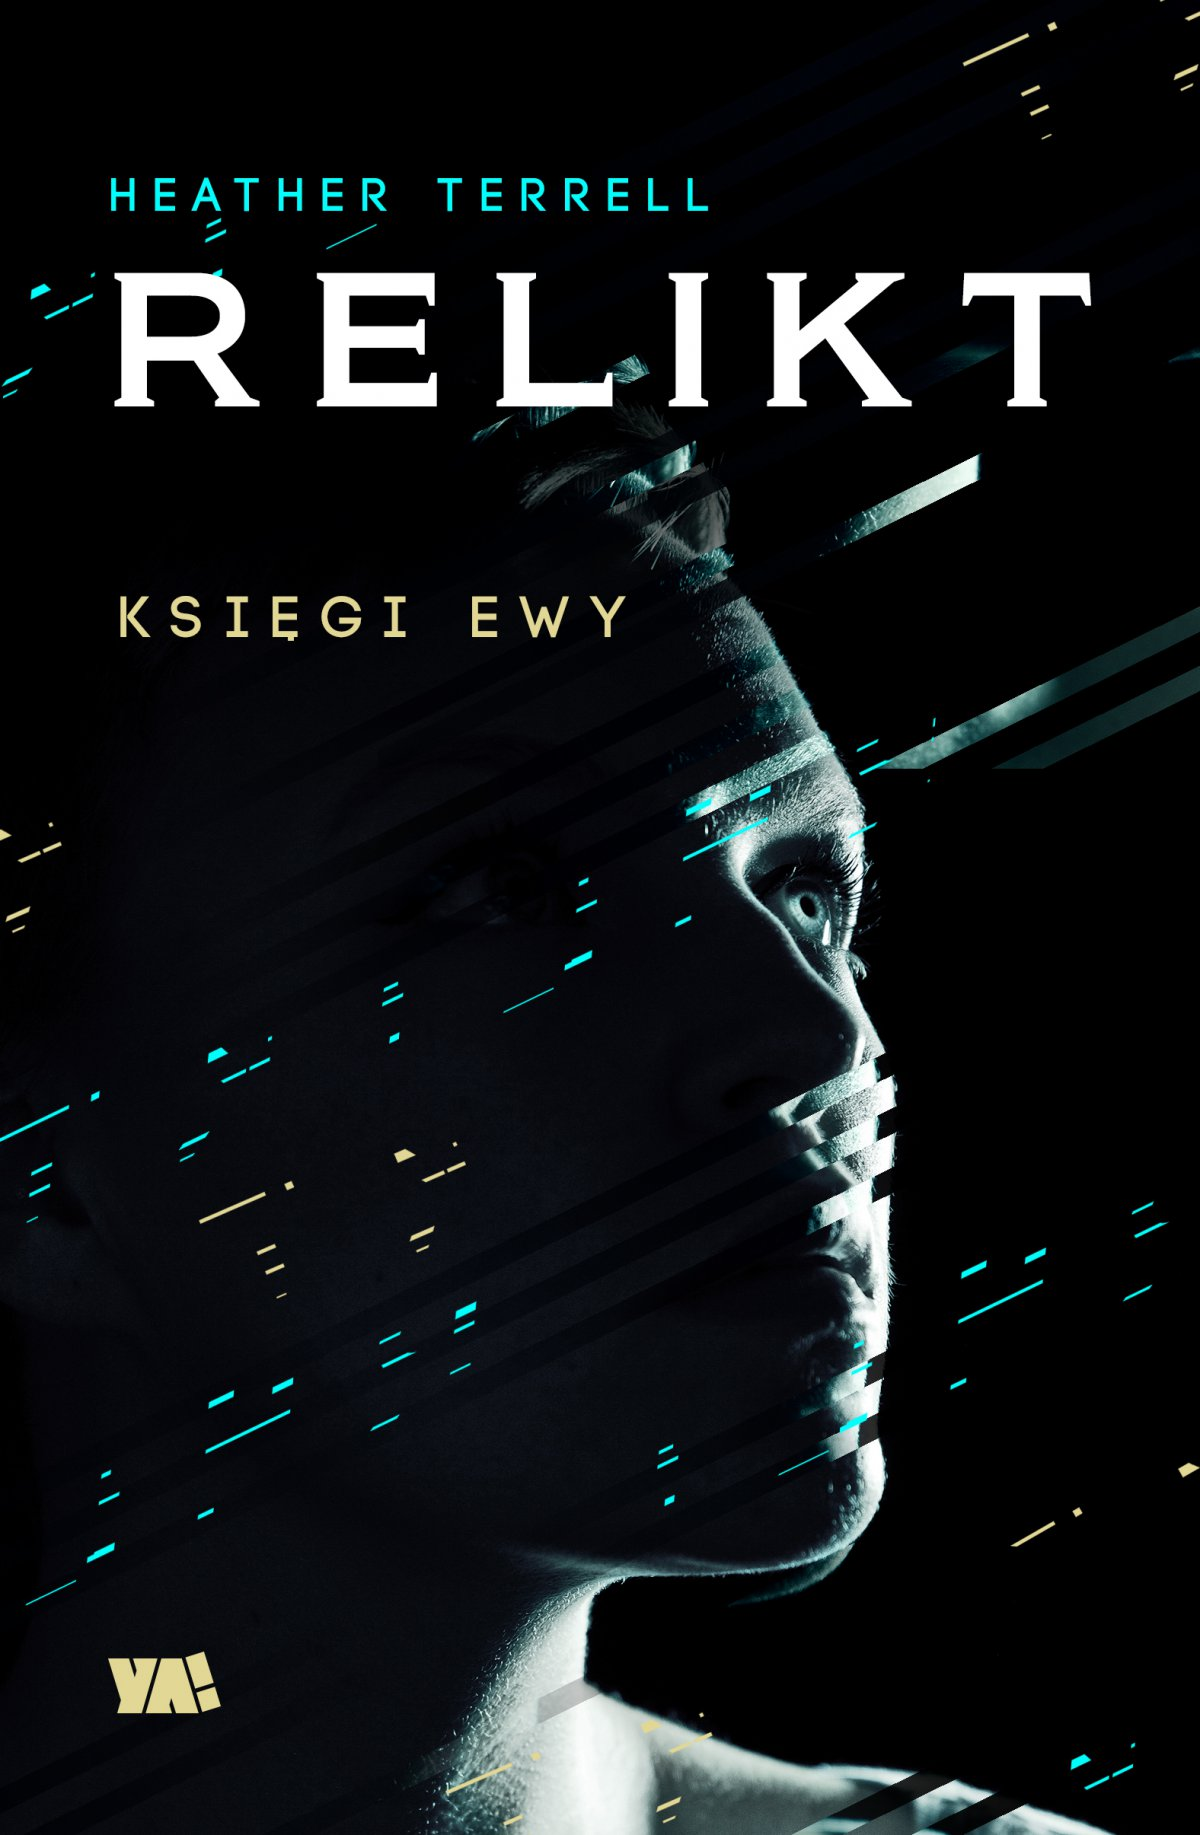 Księgi Ewy. Relikt. T. I - Ebook (Książka EPUB) do pobrania w formacie EPUB